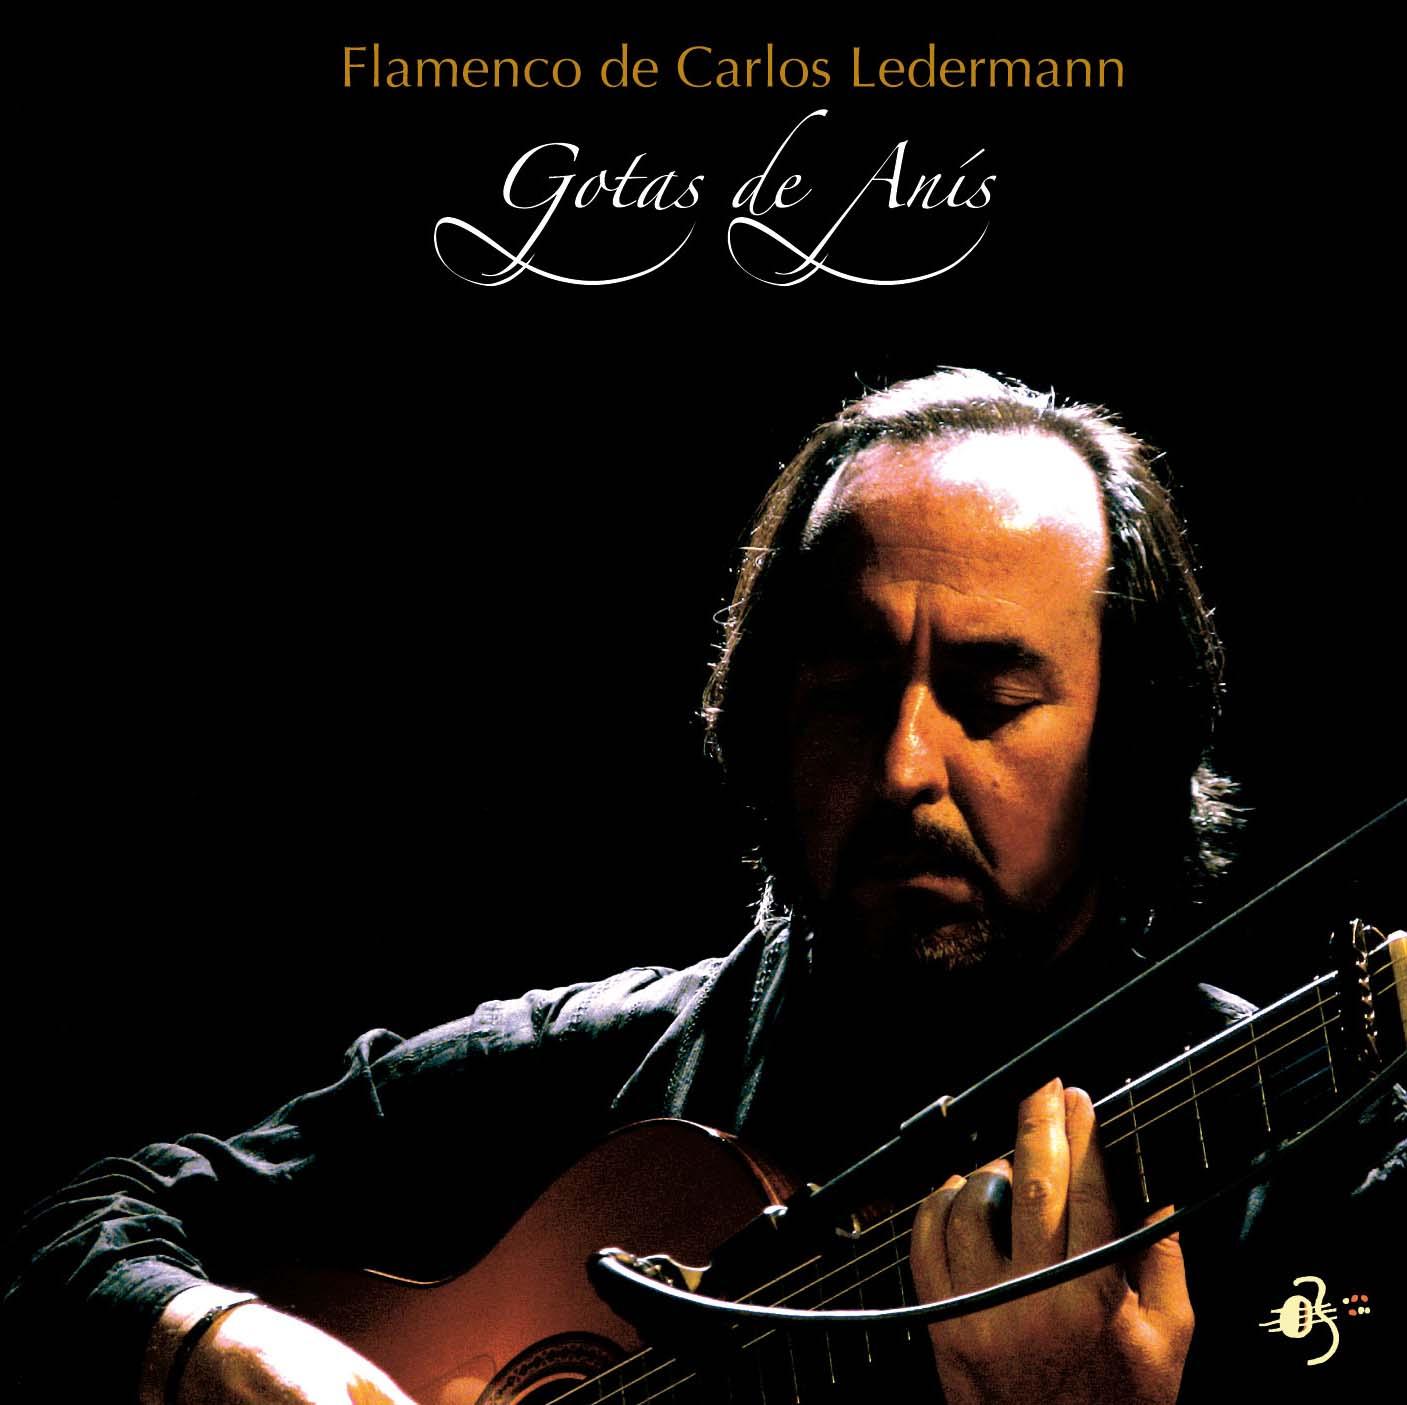 """Carlos Ledermann: """"El flamenco ya no es de los españoles, es del mundo entero"""""""